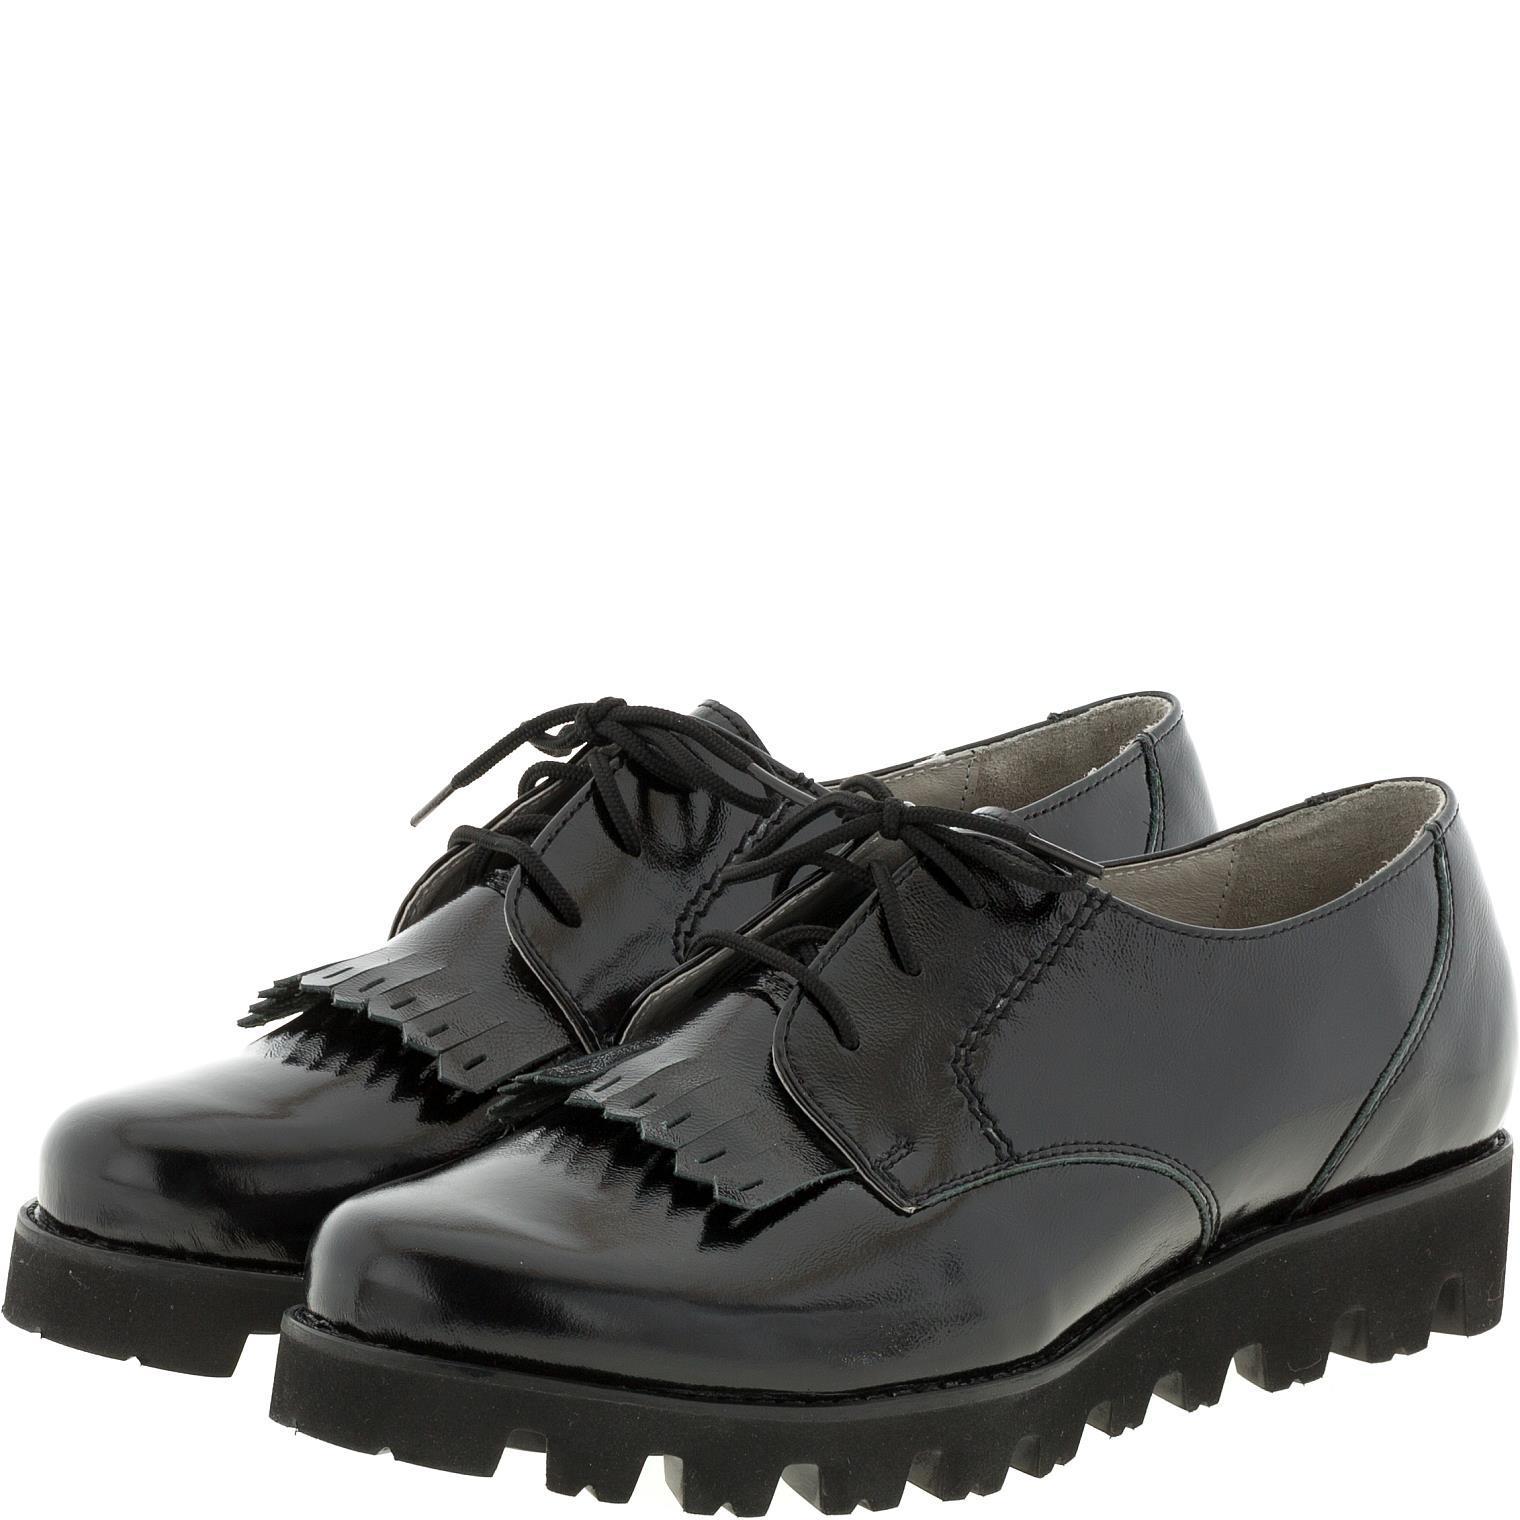 634269 туфли женские больших размеров марки Делфино